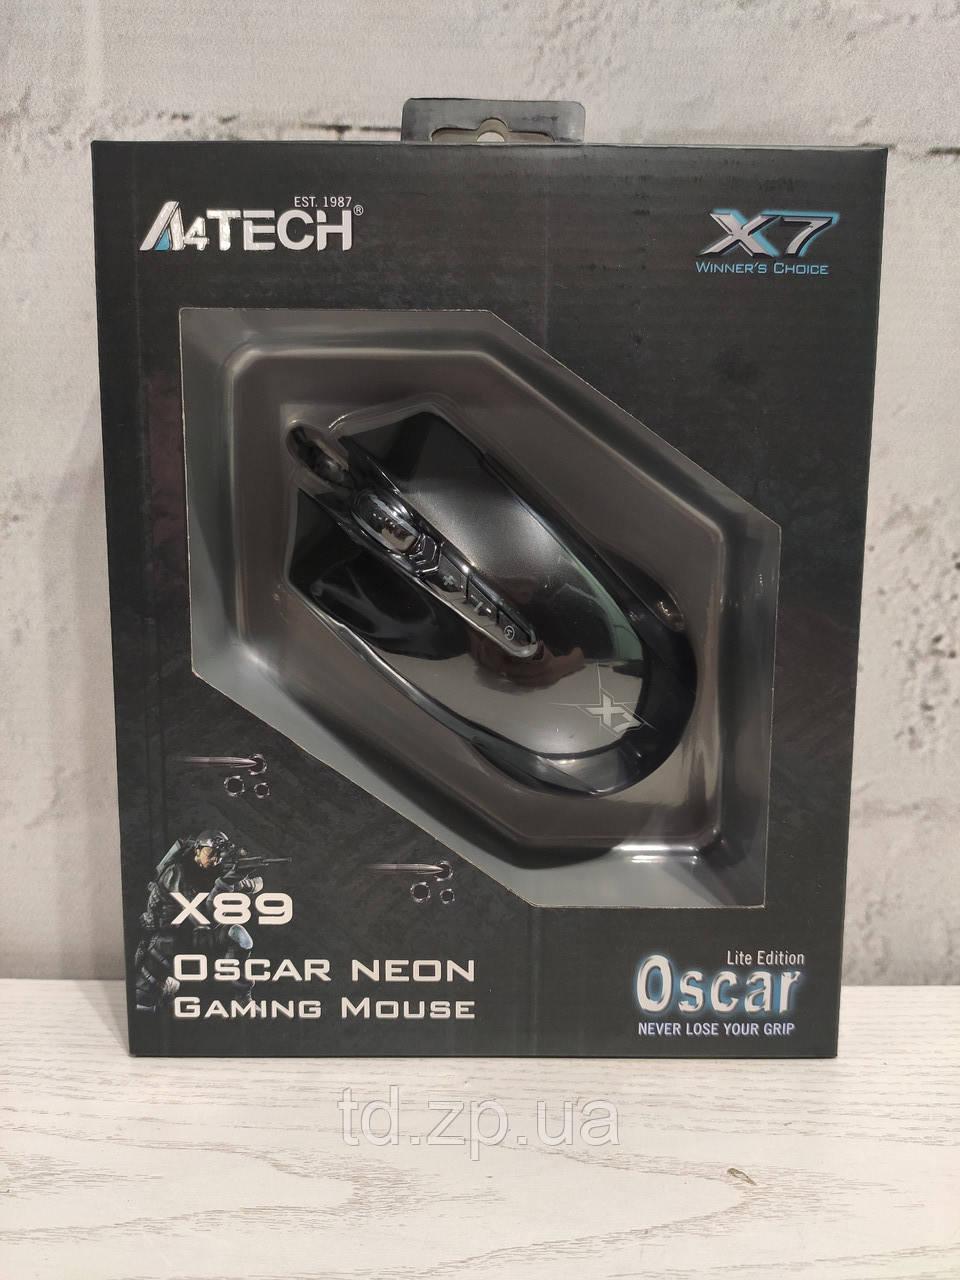 Мышь A4Tech X89